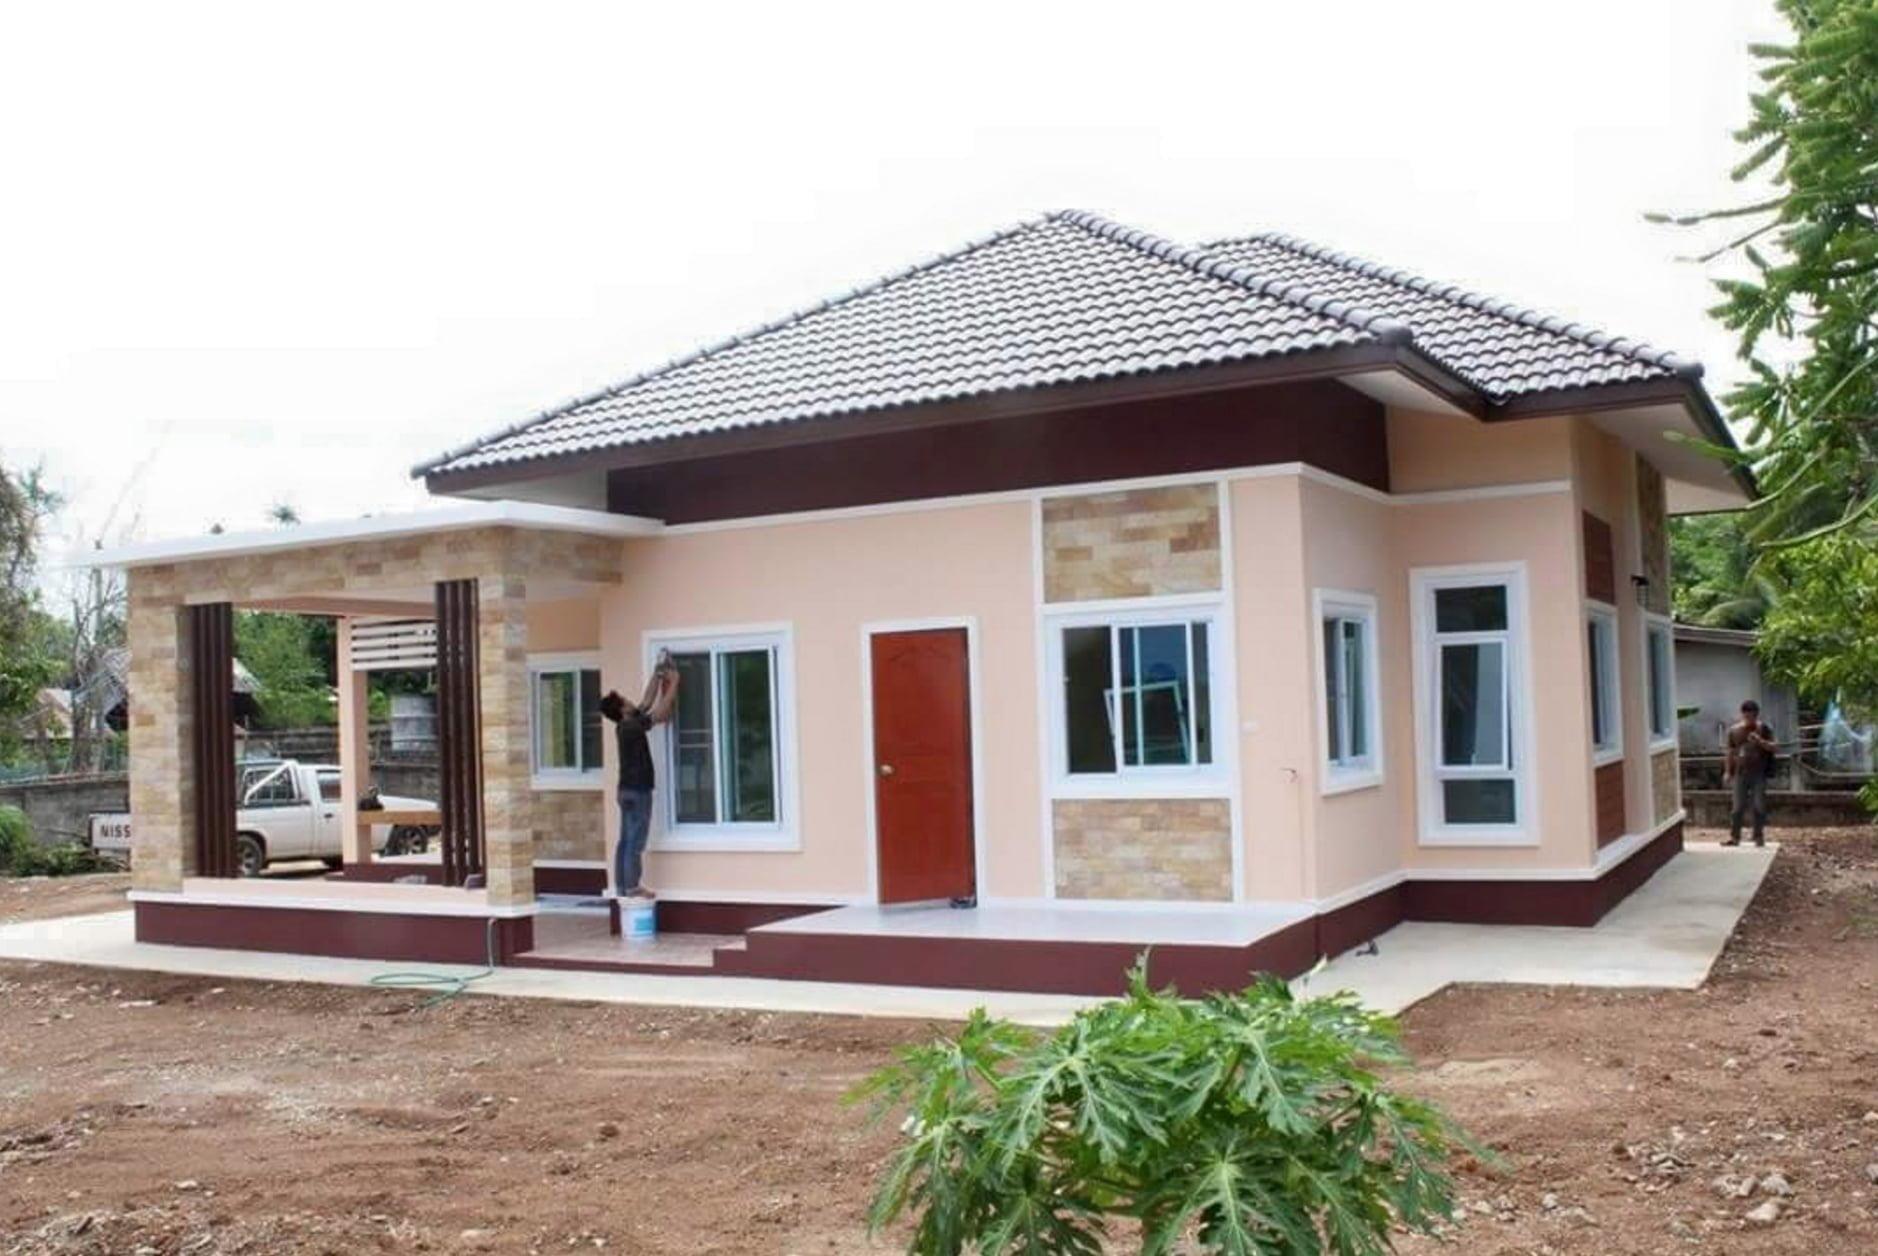 88 Gambar Desain Rumah Bungalow Modern Terbaru Dan Terlengkap Deagam Design